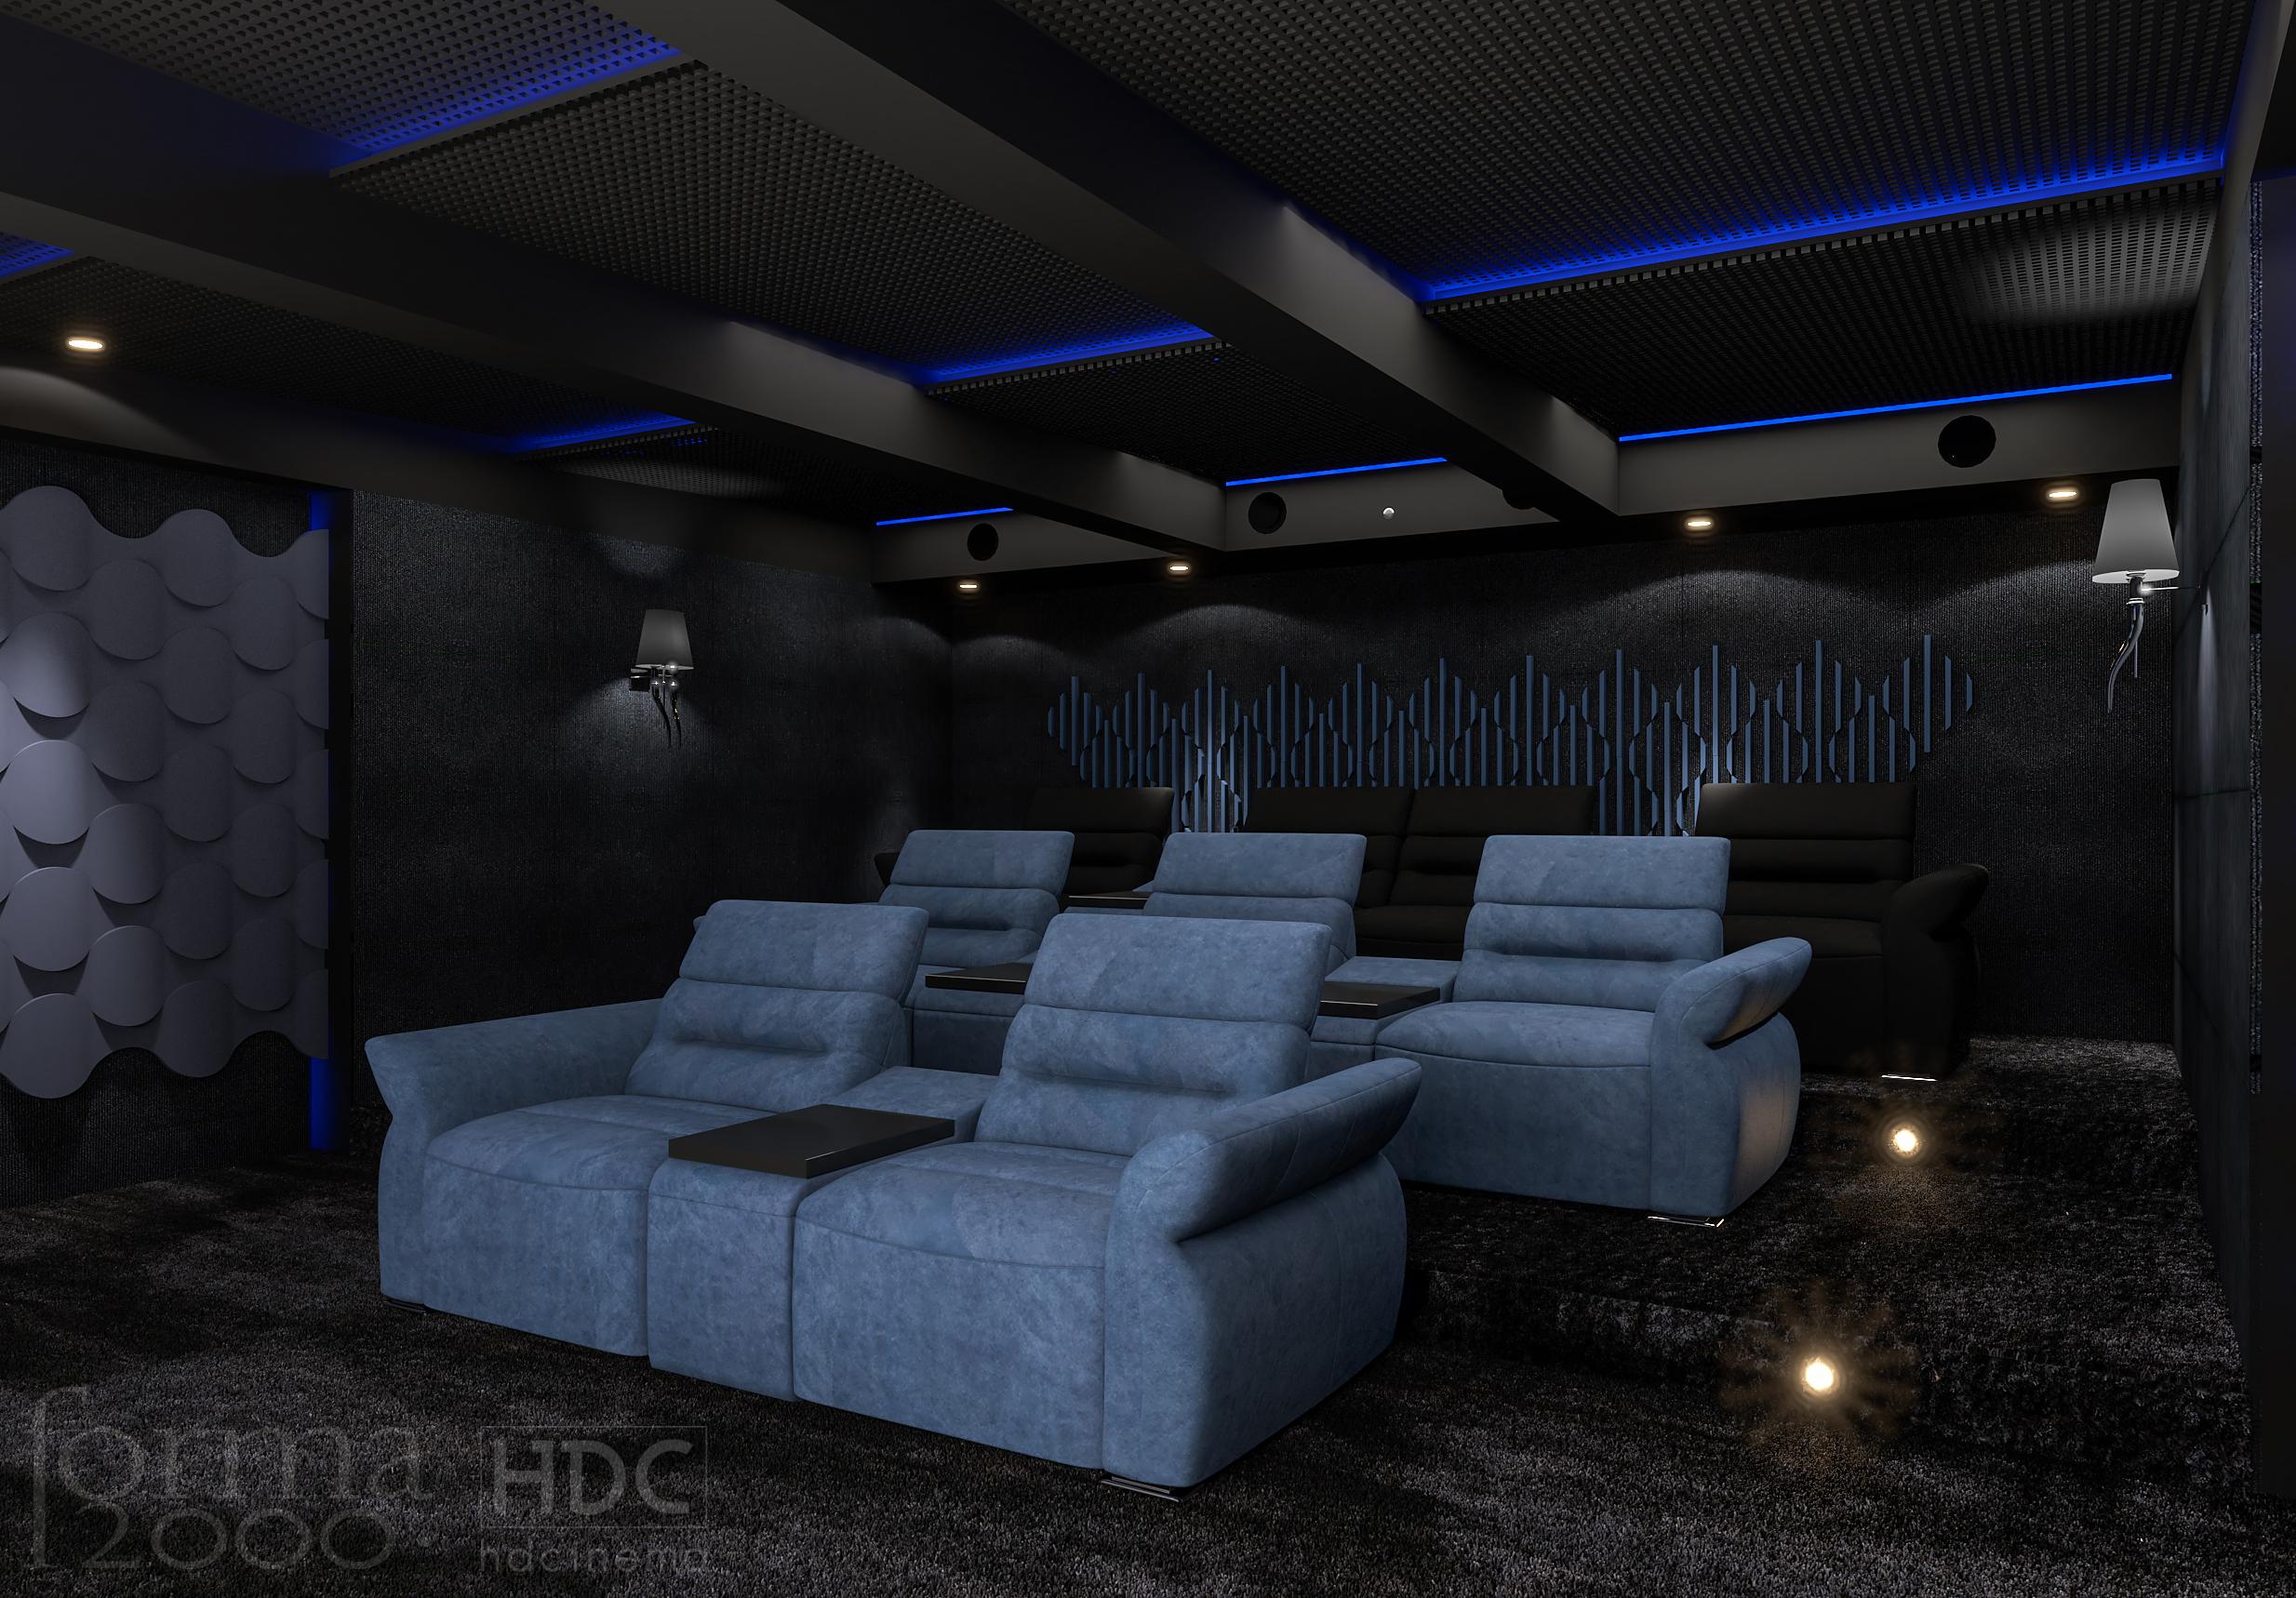 prywatna sala kinowa